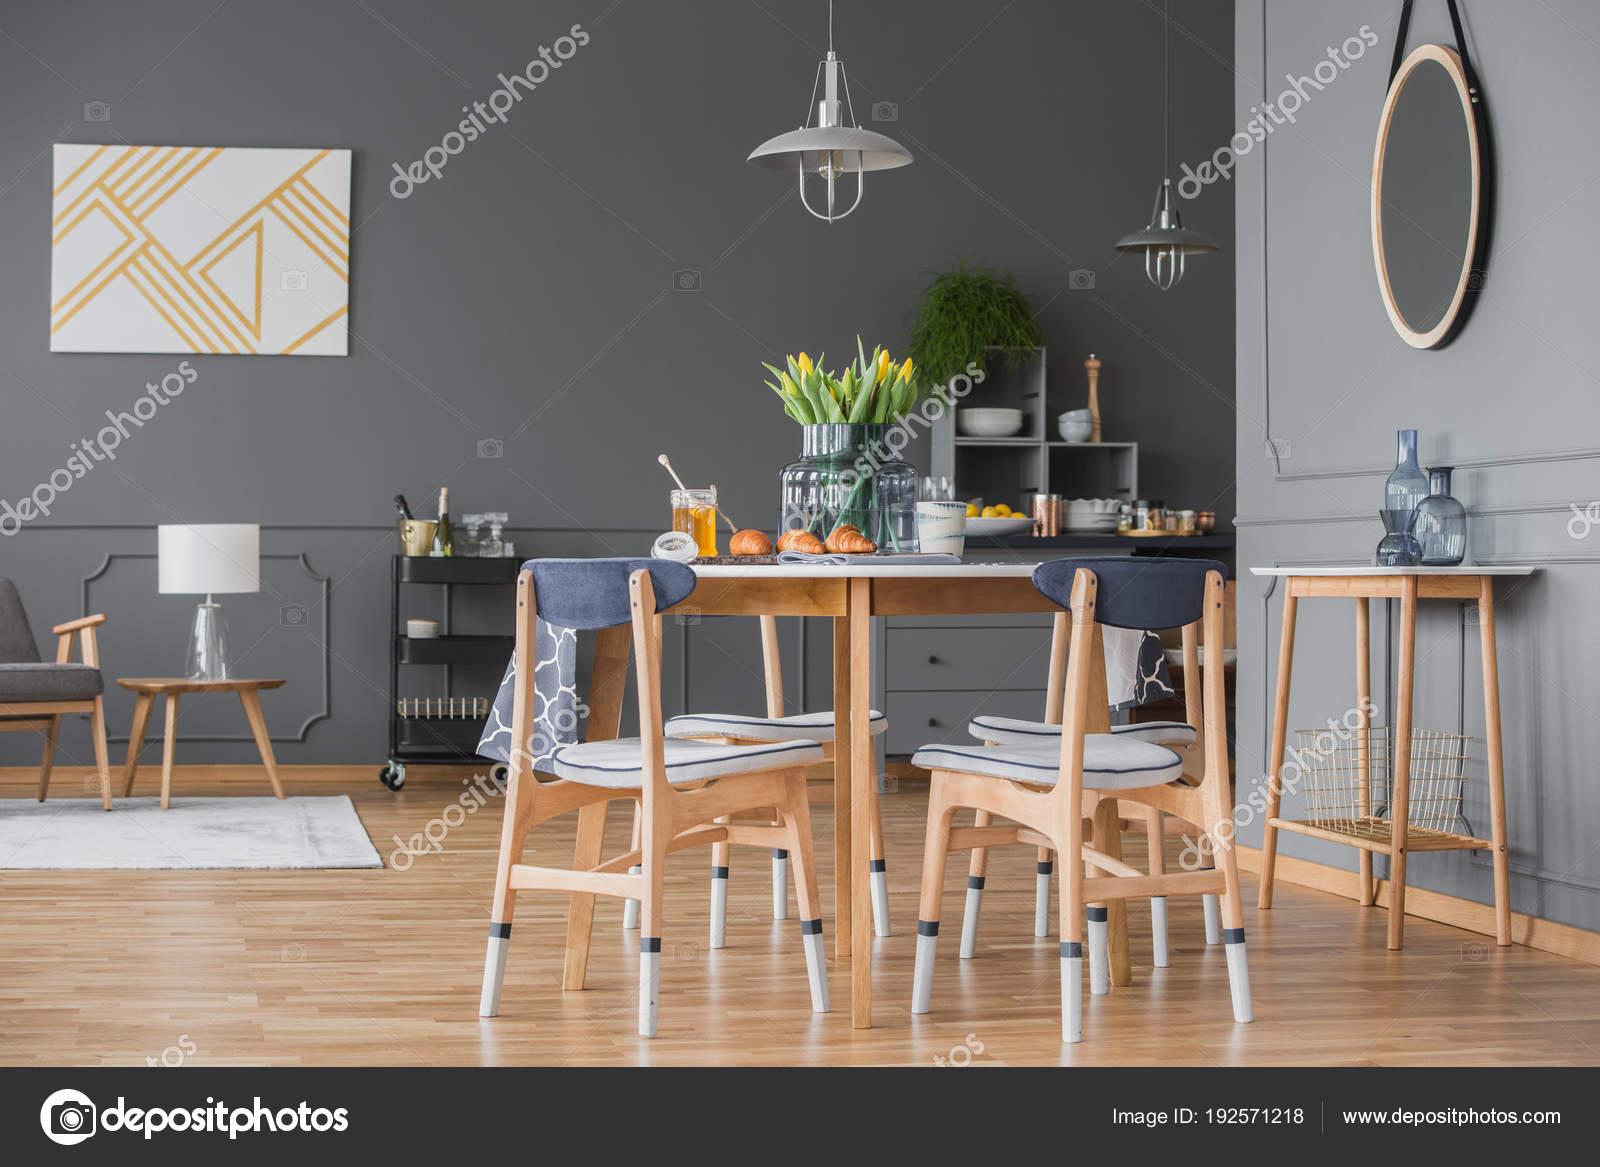 Eetkamer In Woonkamer : Open eetkamer en woonkamer u stockfoto photographee eu